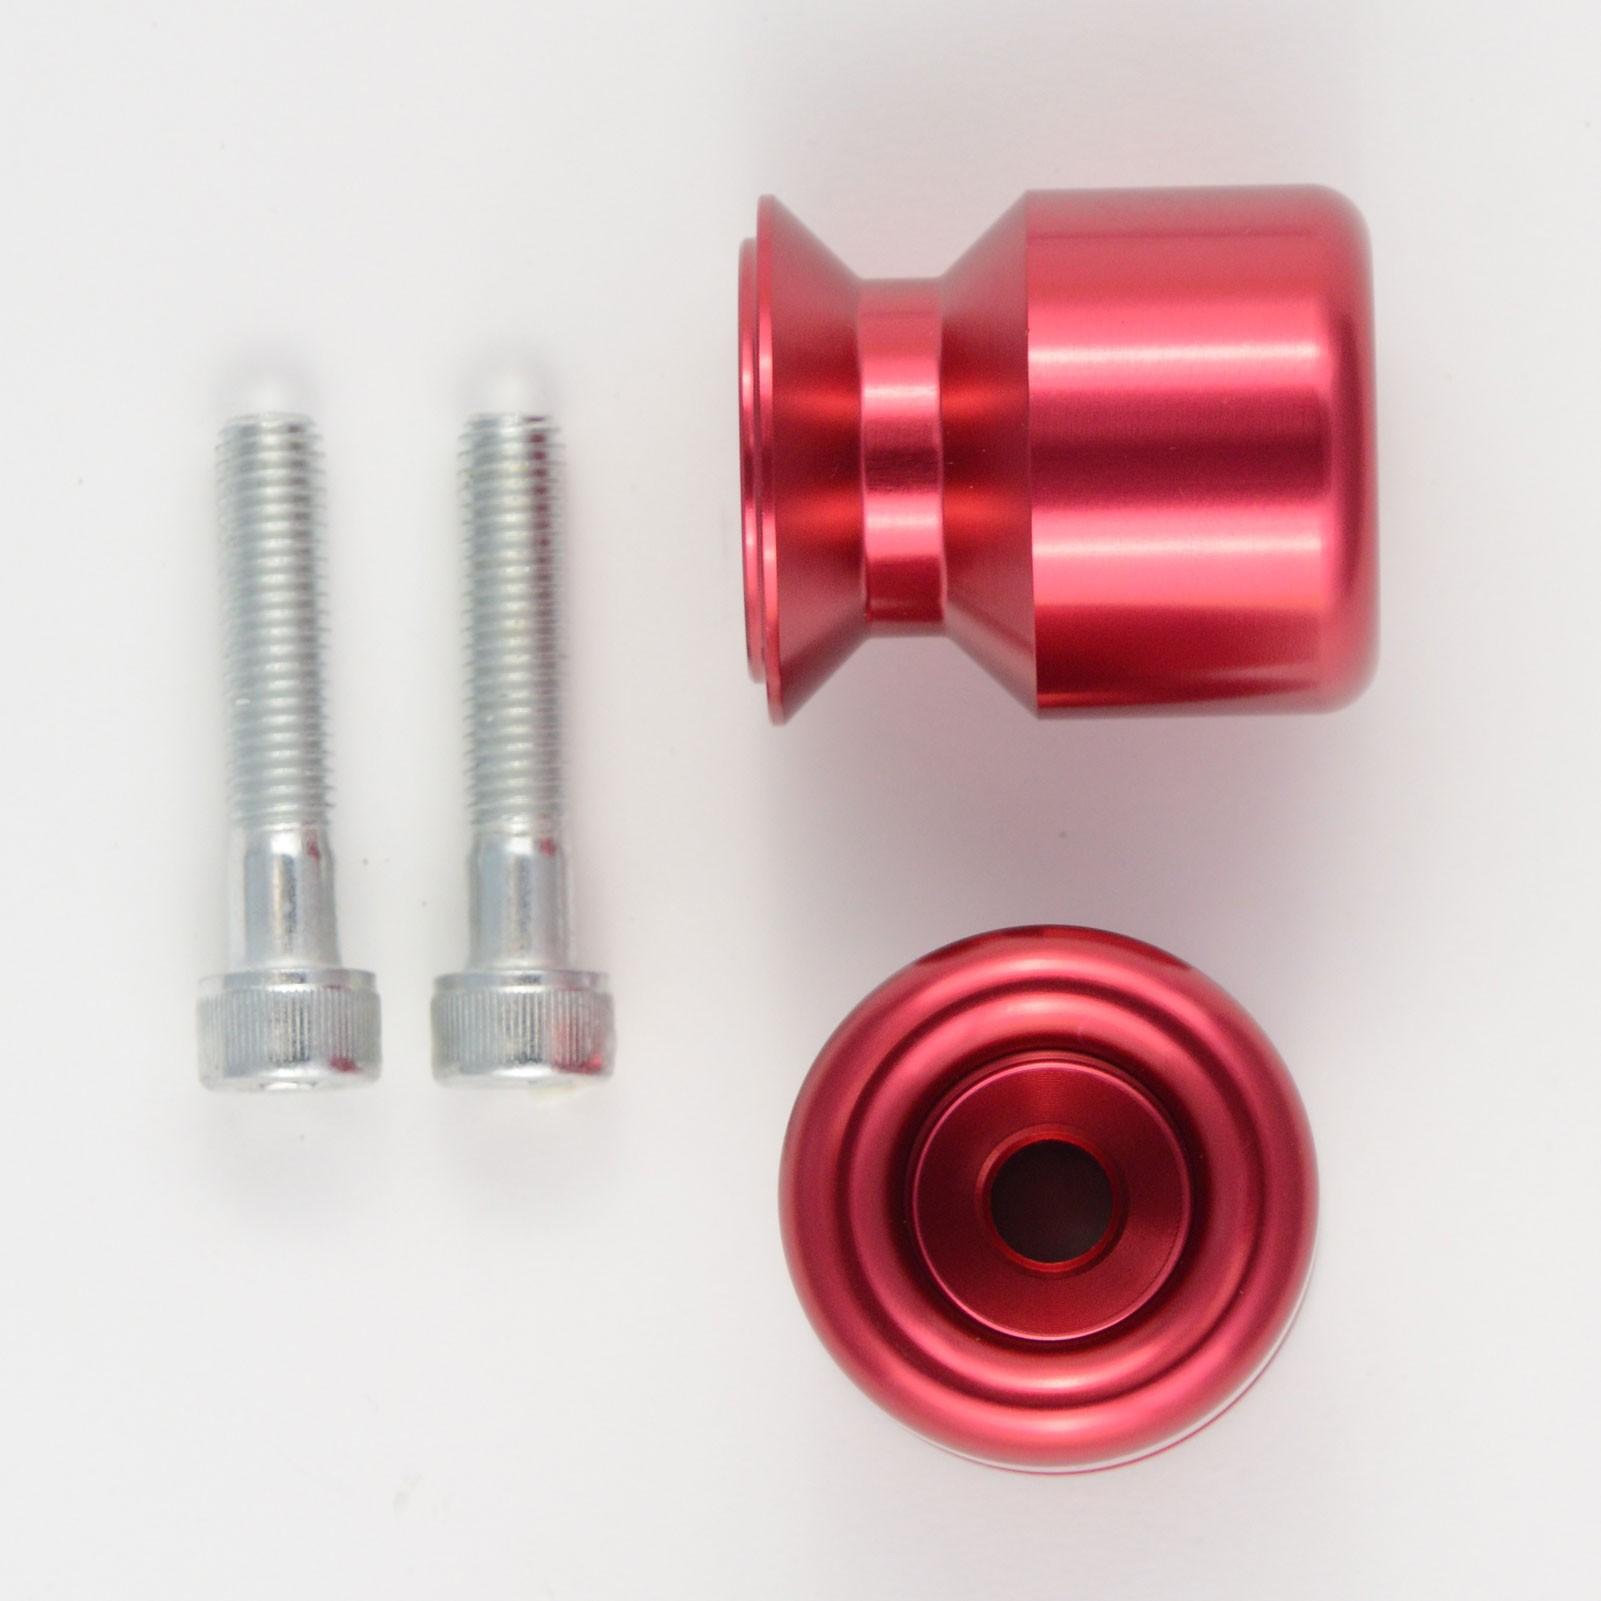 SC-7018 RED a-pro nottolini alzamoto bobbin paddock stand